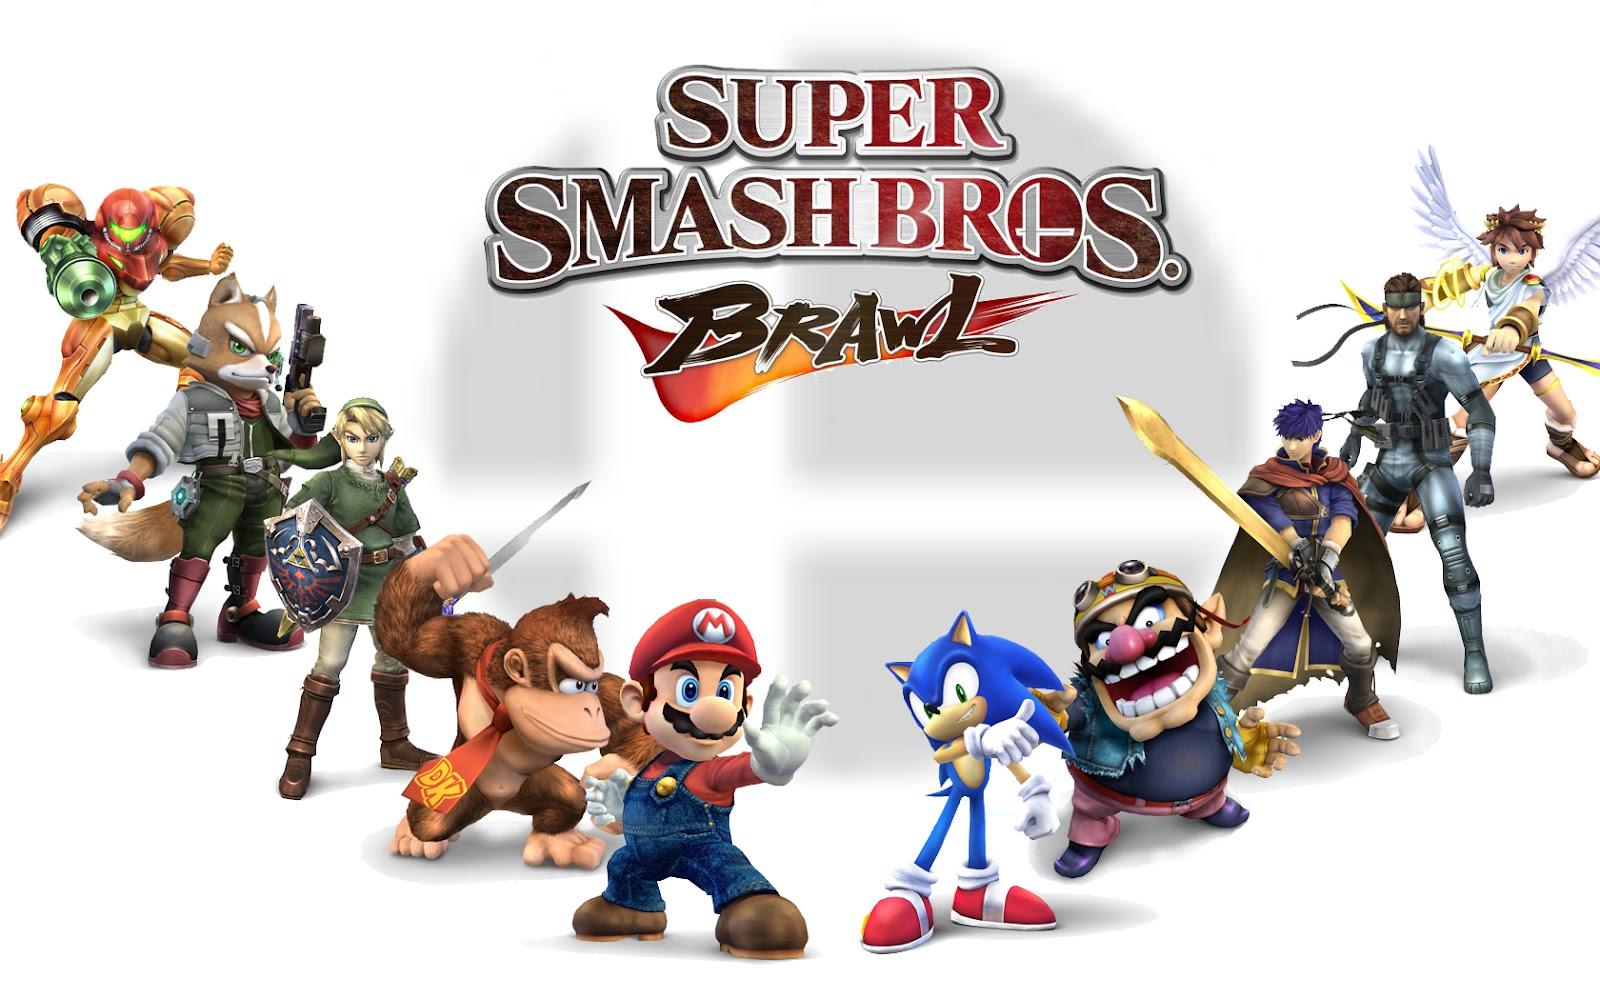 http://3.bp.blogspot.com/-ZrFAkd11BEo/UAlDi7qitNI/AAAAAAAABx8/zKQHcZeKceQ/s1600/super%2Bsmash%2Bbrothers%2Bbrawl%2Bssbb%2Bwallpaper%2Bbackground%2Bcharacters%2Broaster%2Bnintendo%2Bgame.jpg